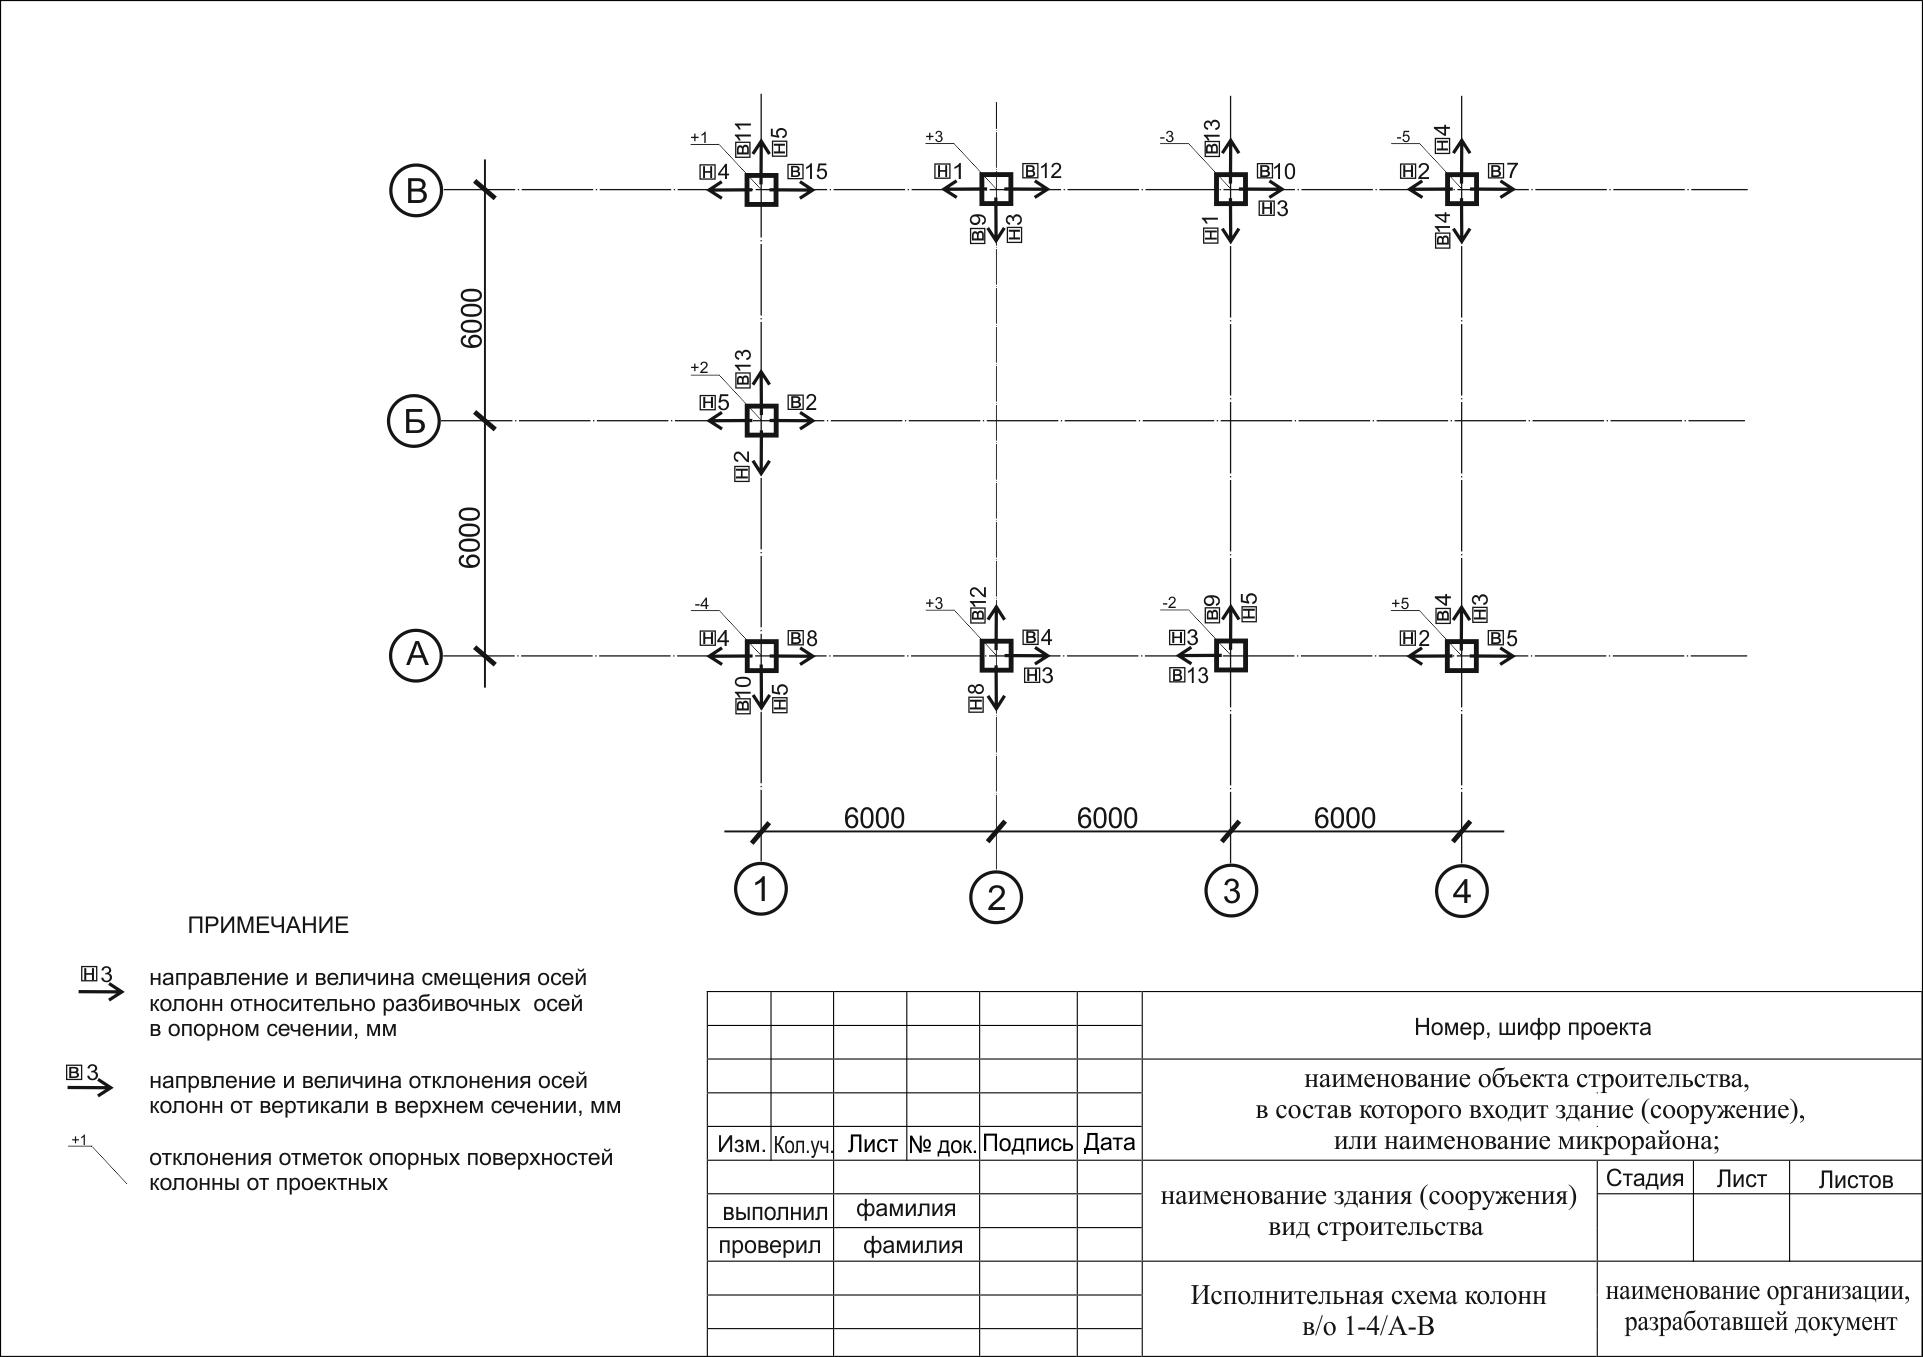 бланки нормативно-строительной документации